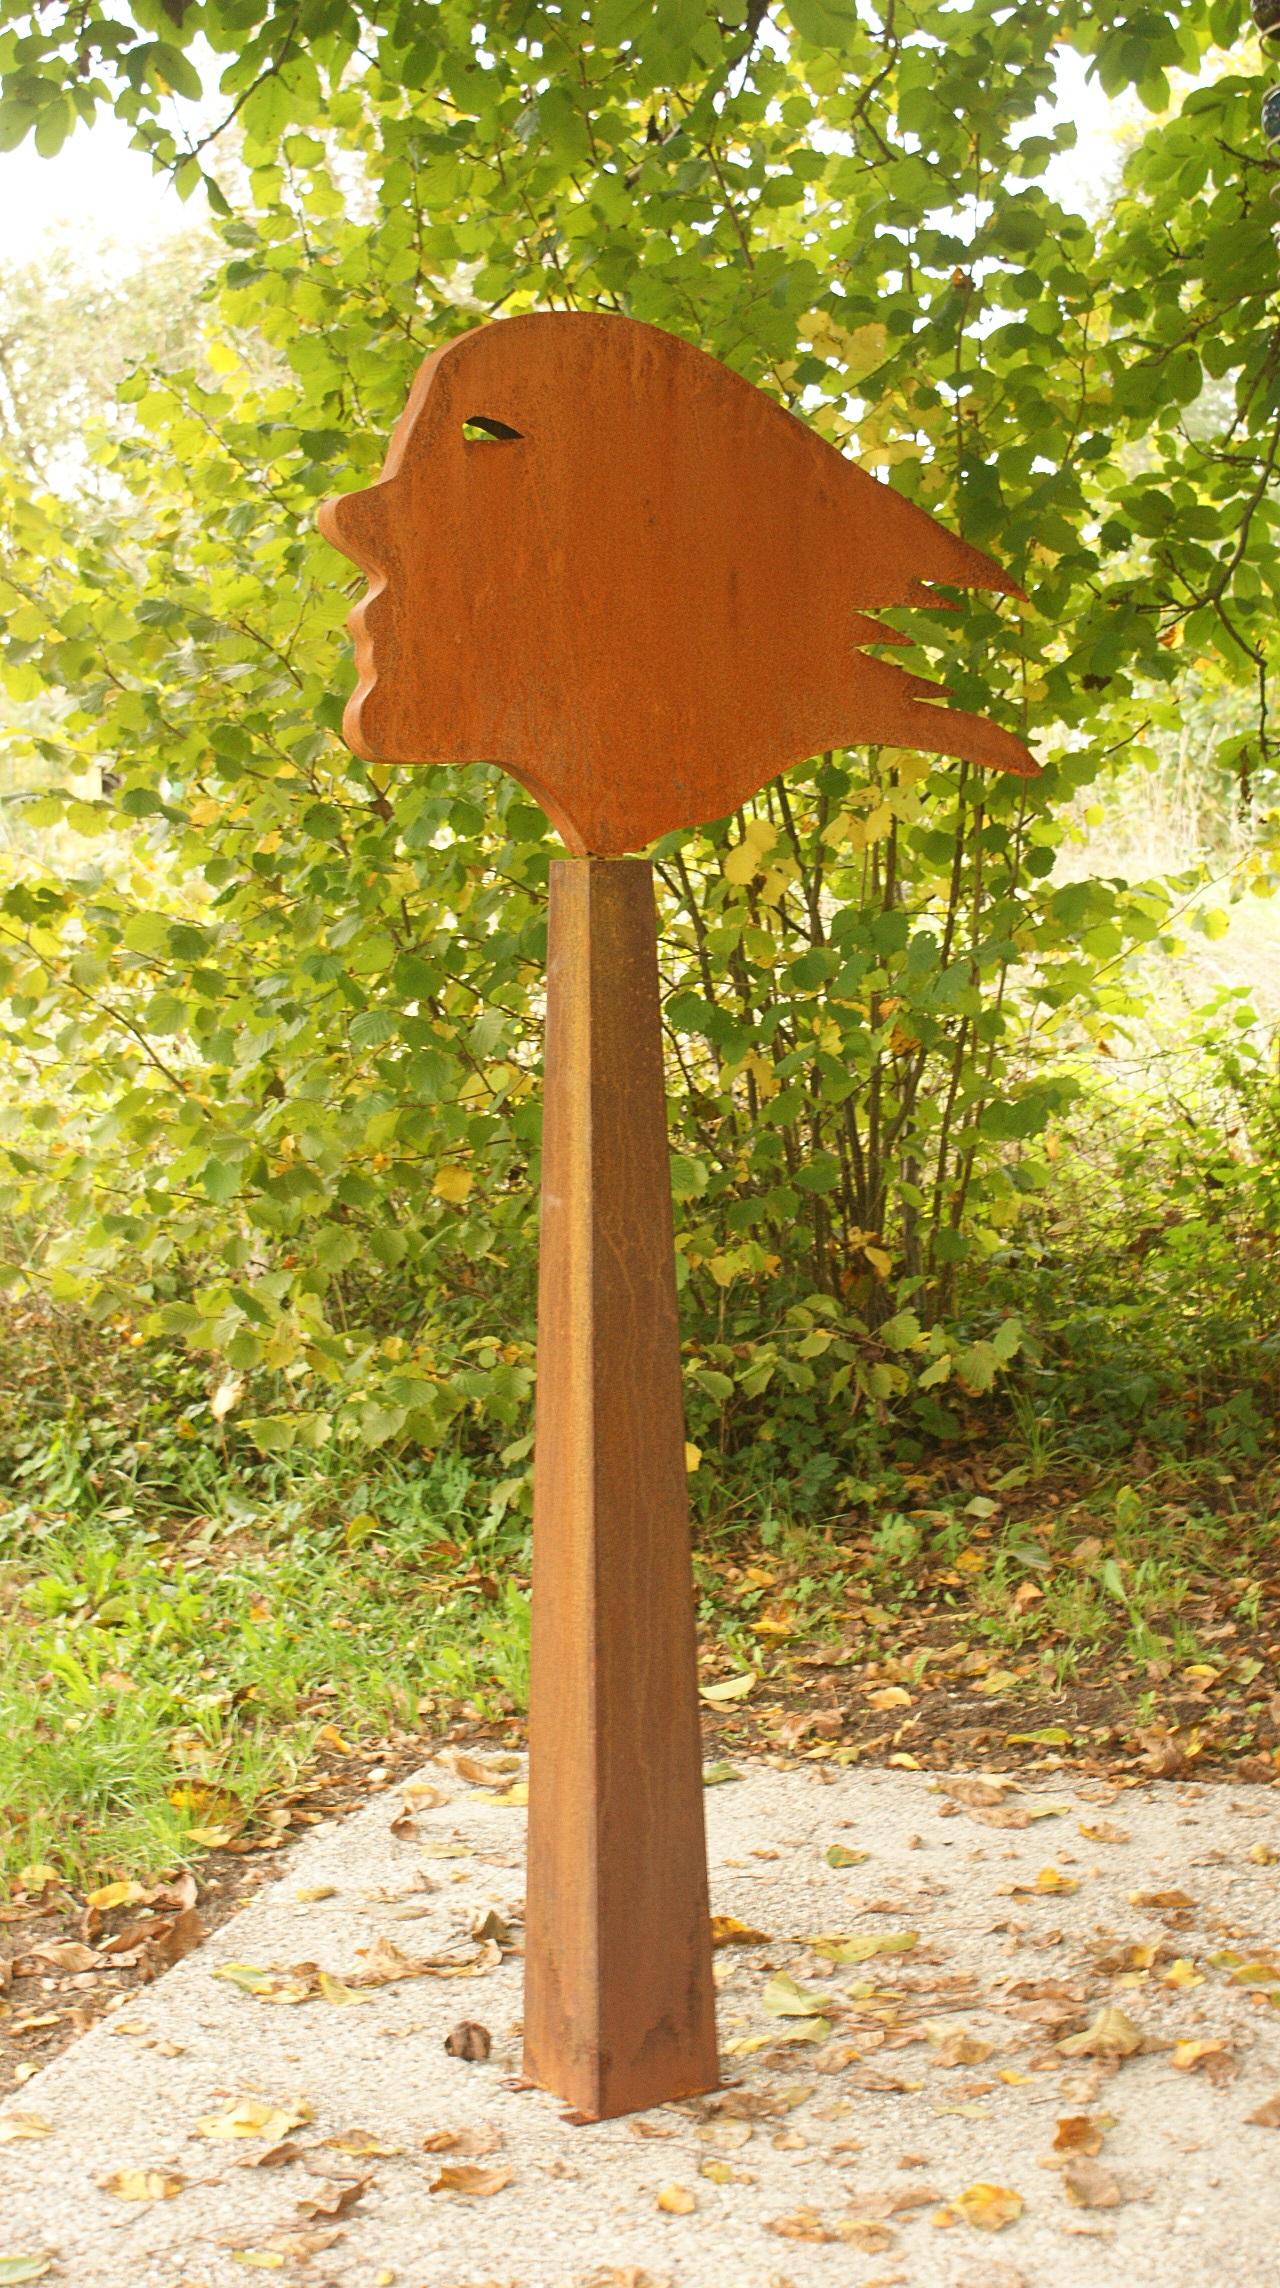 Full Size of Gartenskulpturen Holz Glas Skulpturen Selber Machen Gartenskulptur Aus Stein Garten Kaufen Und 54 Rost Skulptur Windsbraut Gartendeko Gartenideen Regal Weiß Wohnzimmer Gartenskulpturen Holz